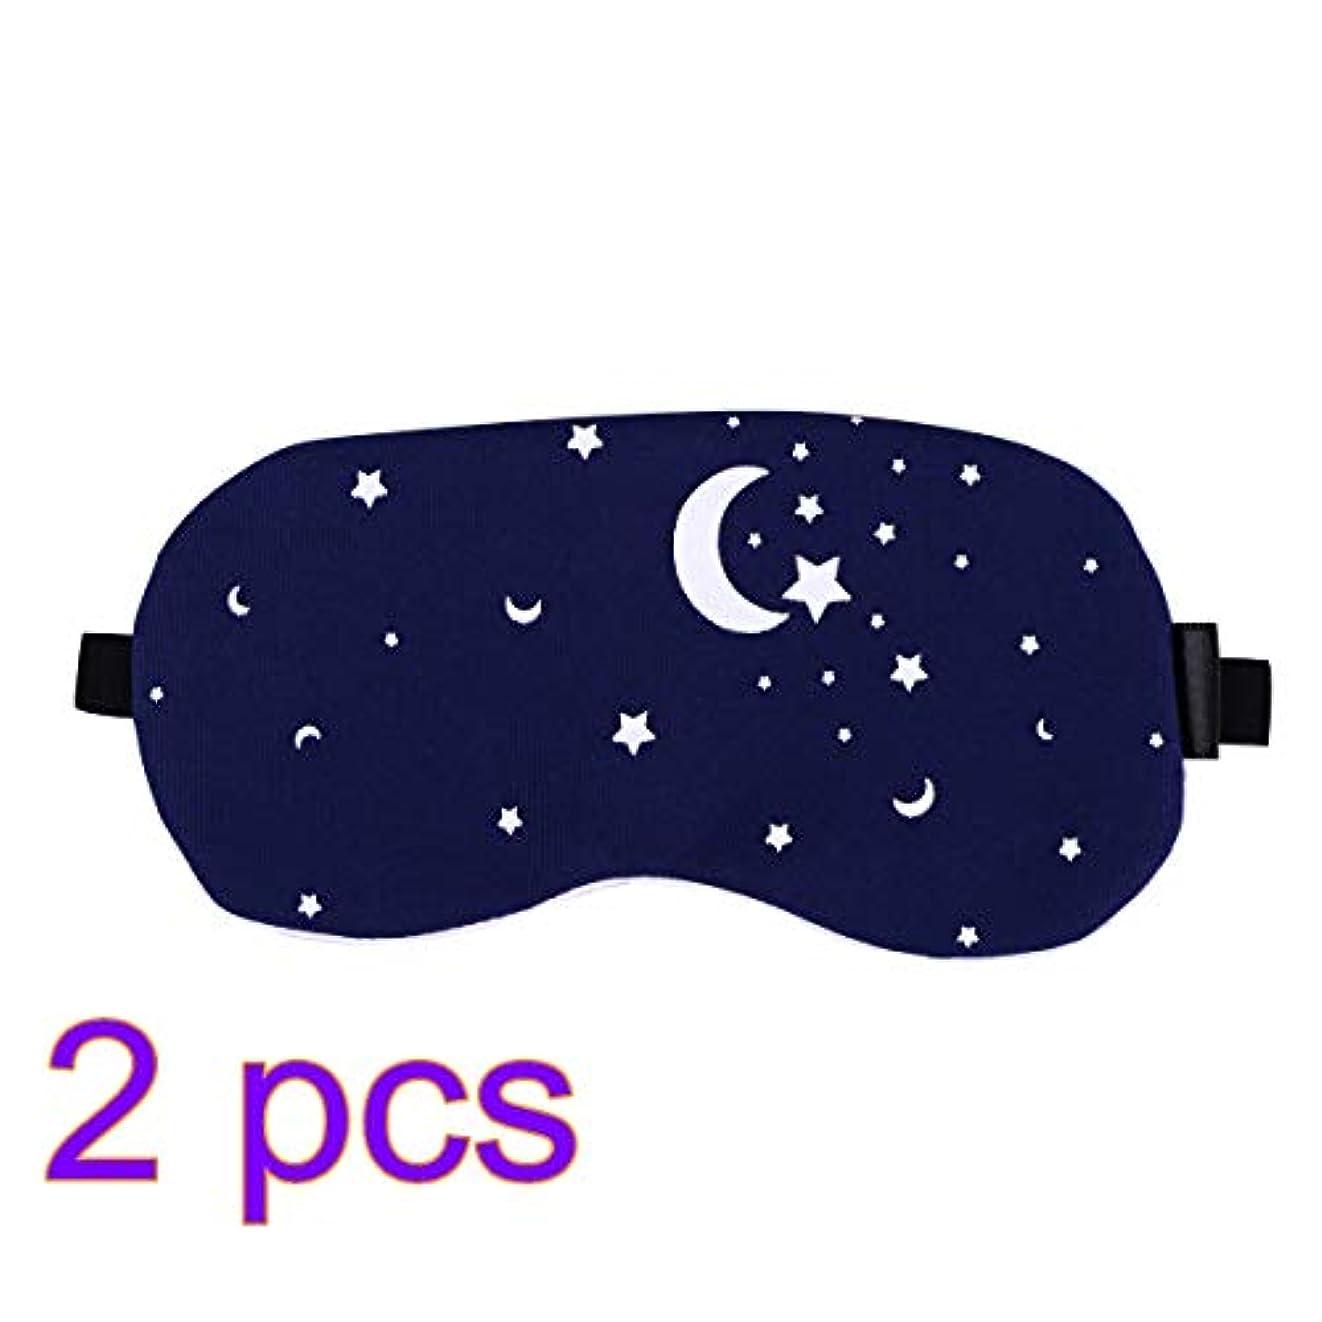 バトル再現する挽くHealifty コットンとリネンアイスリーピングマスクブラインドパッチアジャストストラップコールド/ホットジェルストレス緩和用女性のためのふくらんでいる目の頭痛を解消2pcs(Starry Sky)